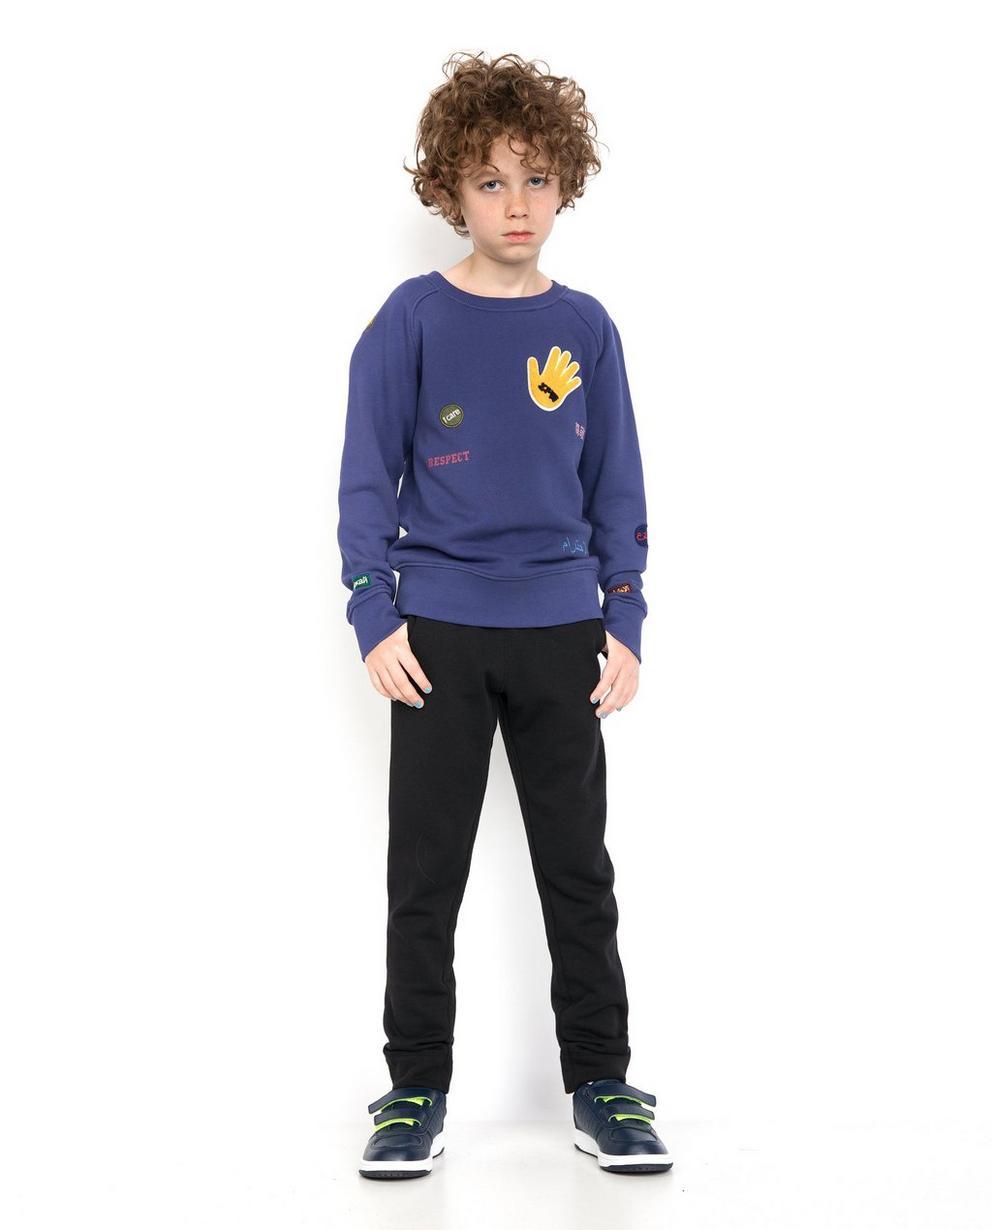 Paarsblauwe sweater - ZulupaPUWA - Unisex - Zulu Papuwa